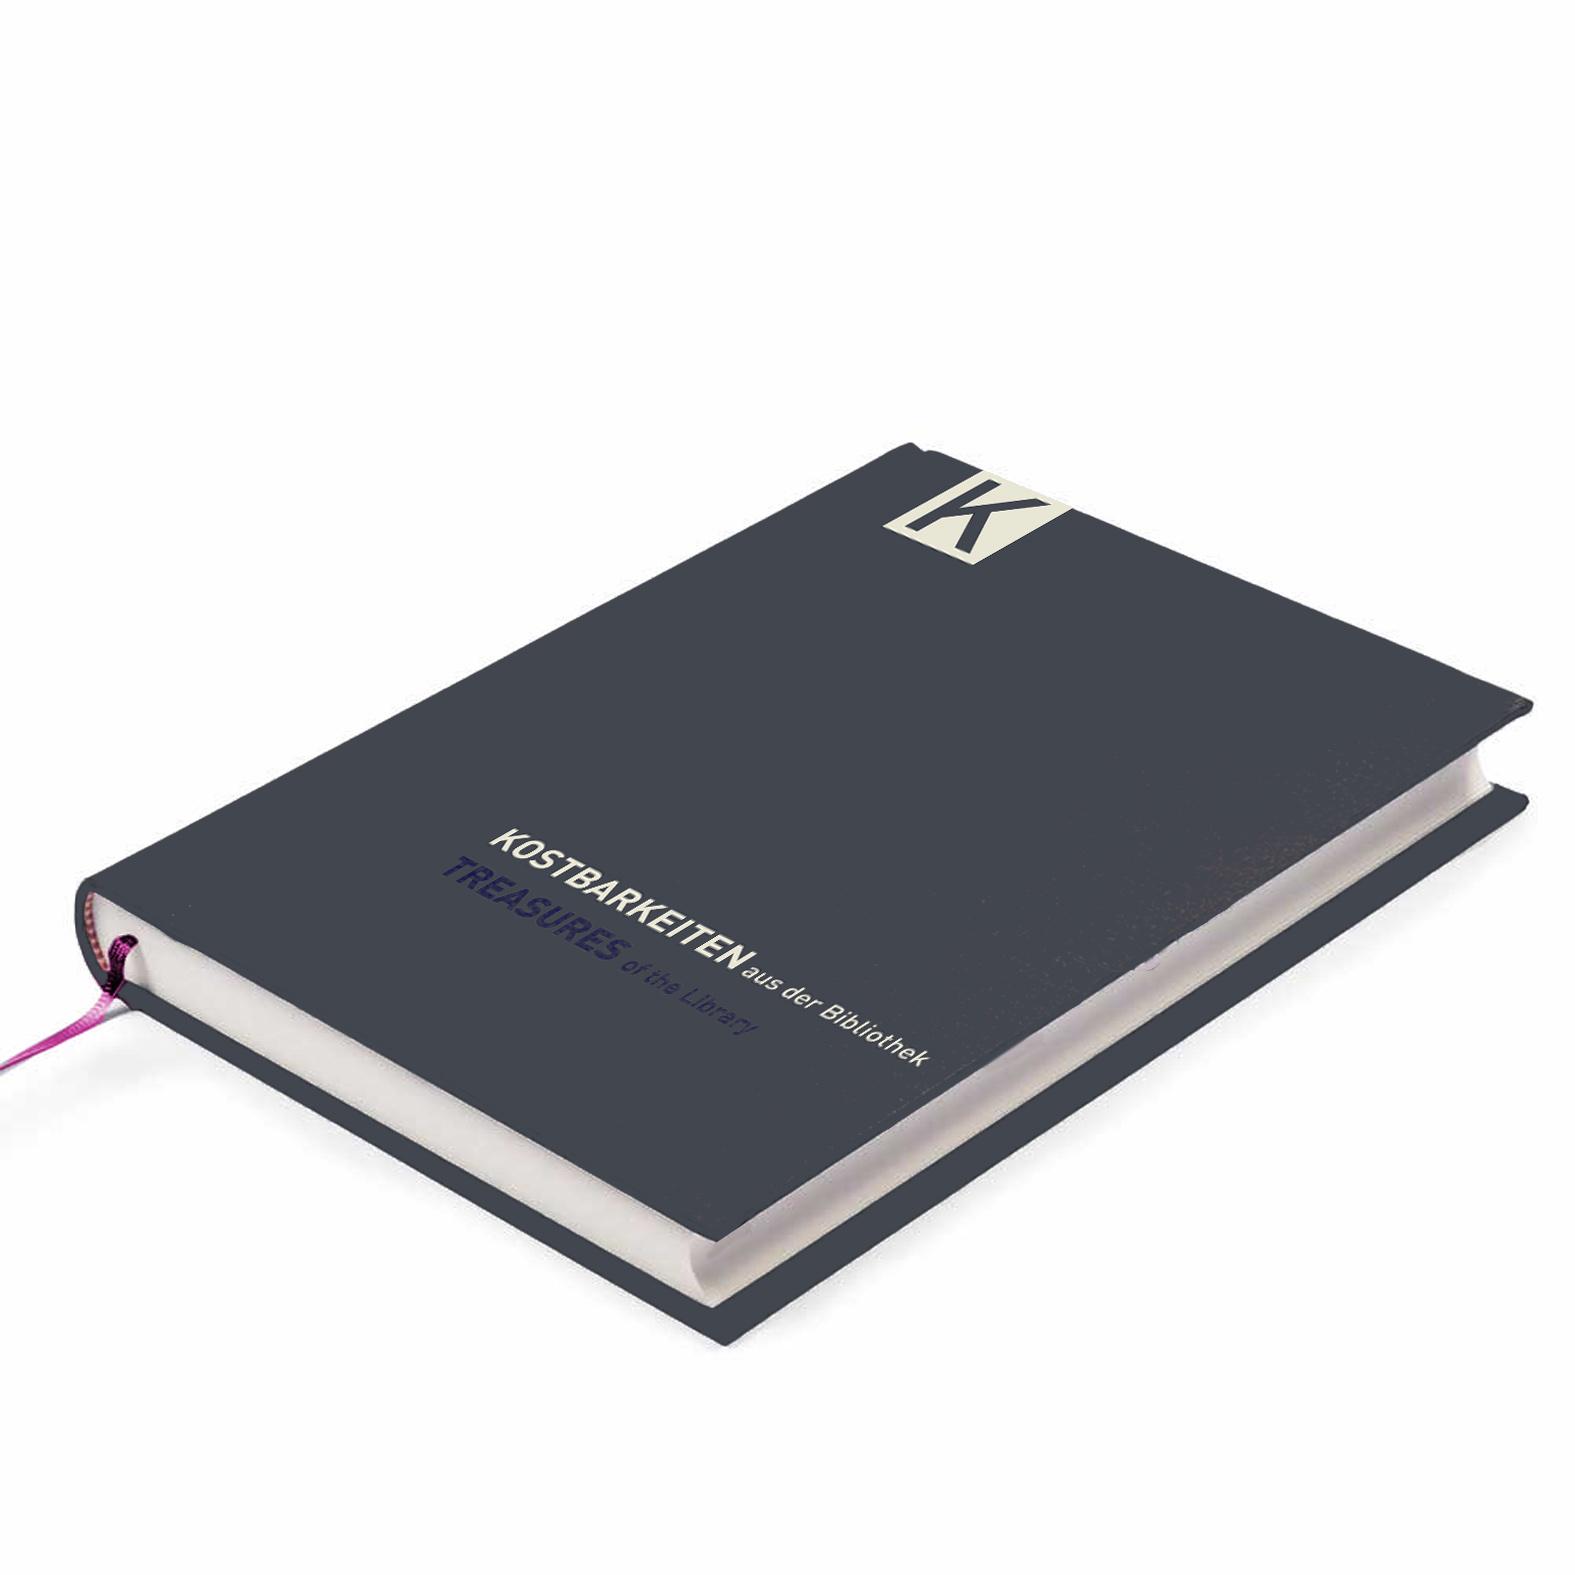 Kostbarkeiten aus der Bibliothek - Das Buch | Foto aau / bem